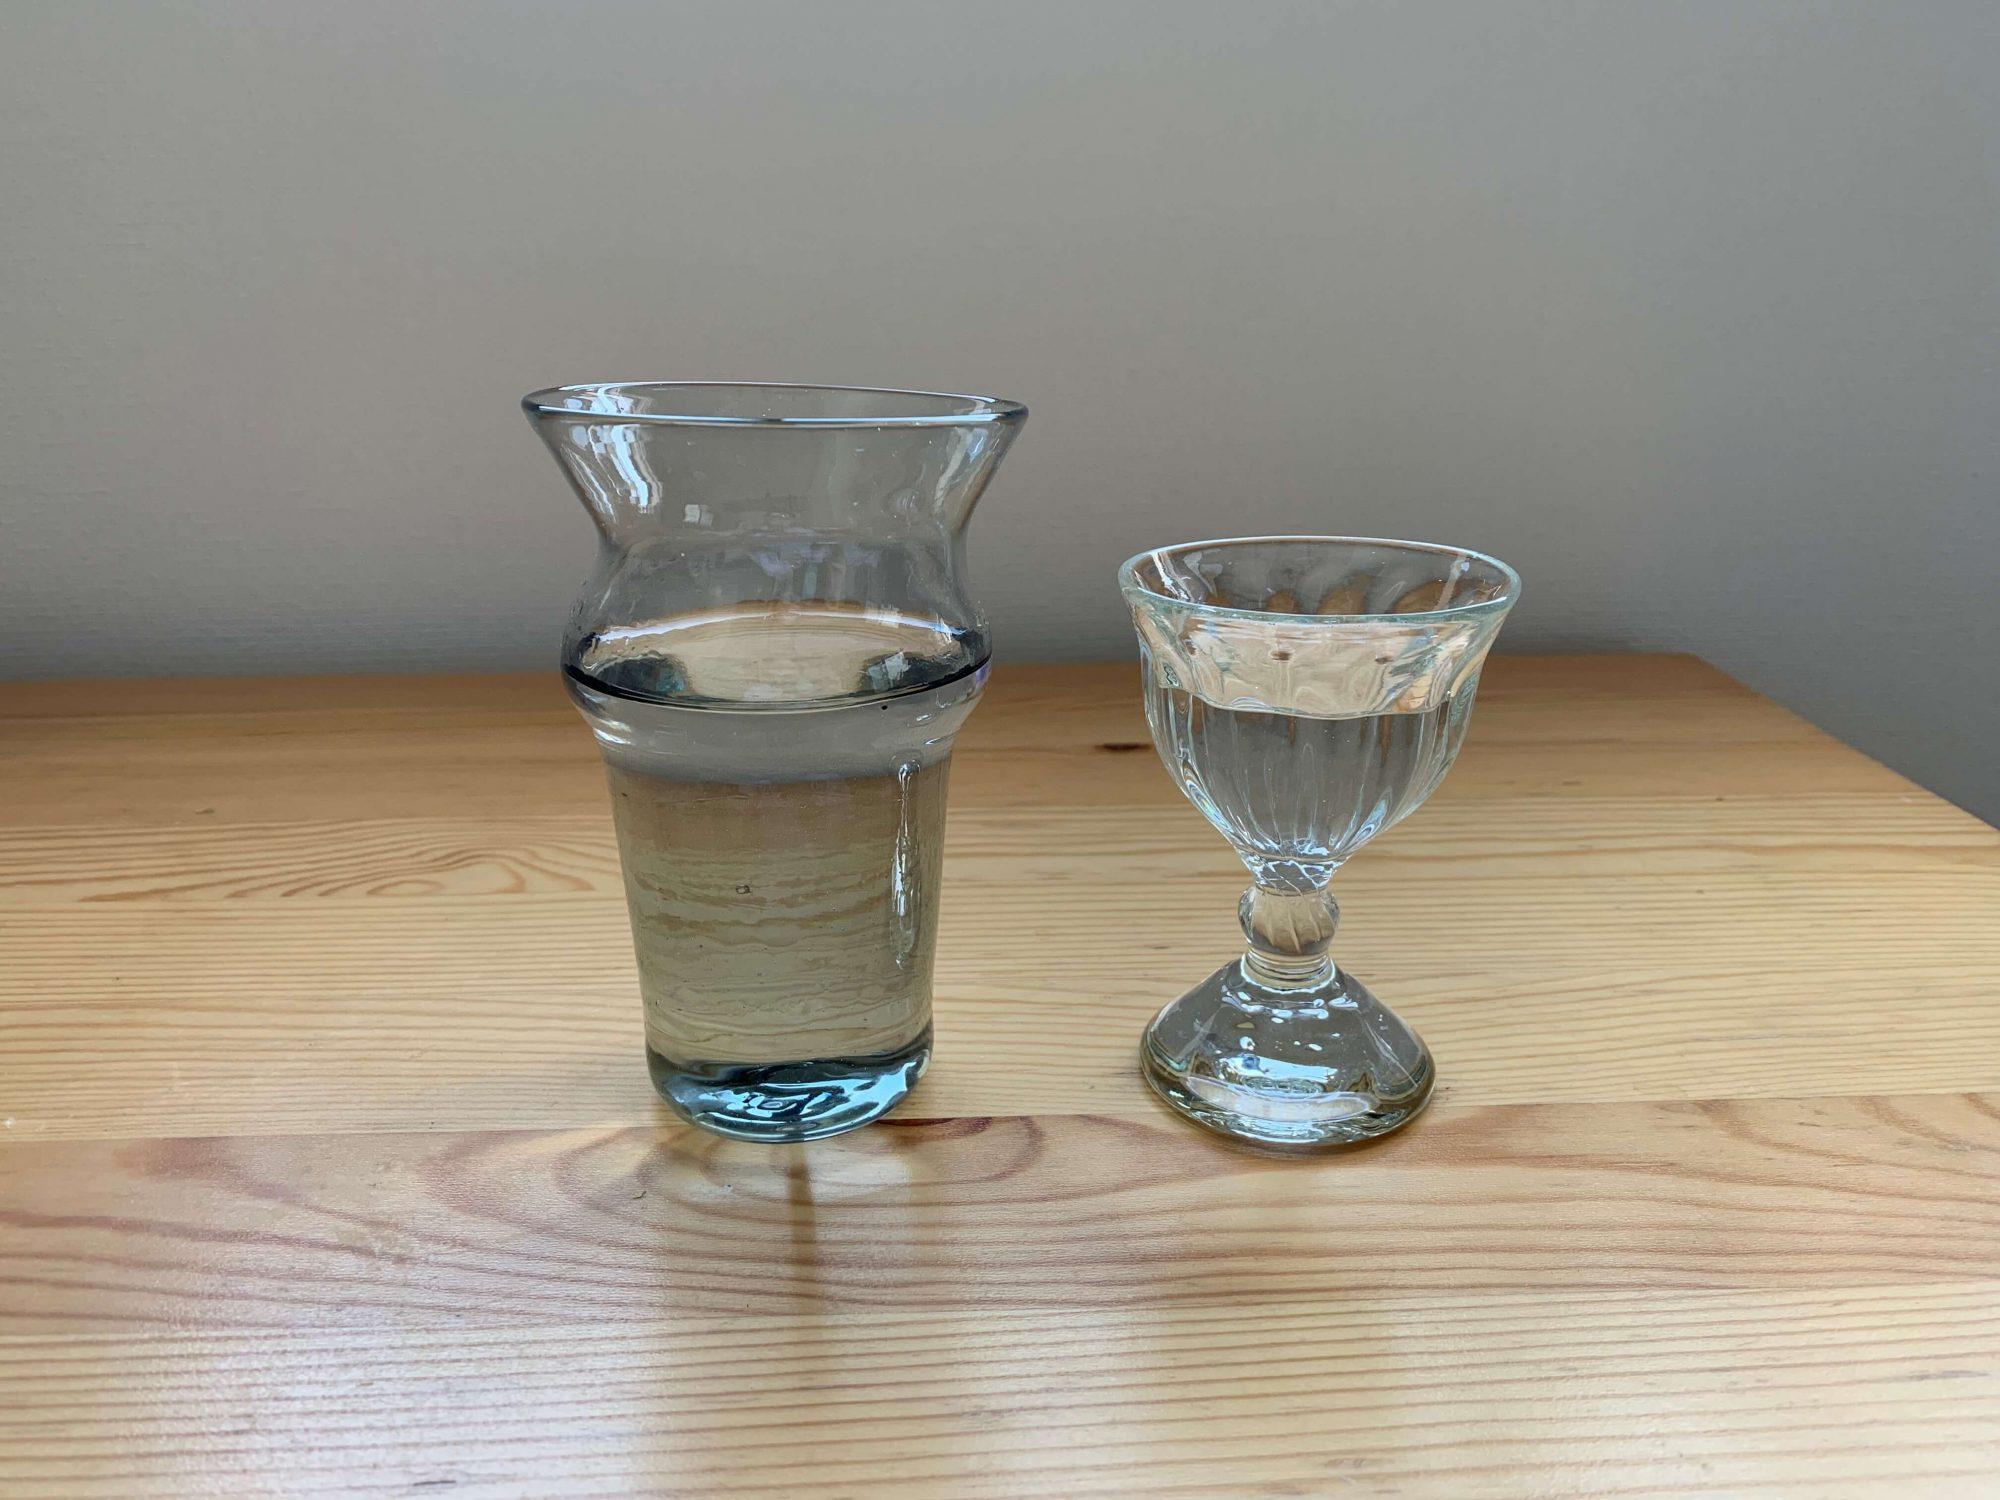 大きなグラスはチューリップなどのお花を生ける用、モールワイングラスはお酒を飲むときに。本来はリキュール用サイズなのですが、あまり飲まないのでワイングラスとして使用しています。ゆっくり味わうのにはちょうどいいです。